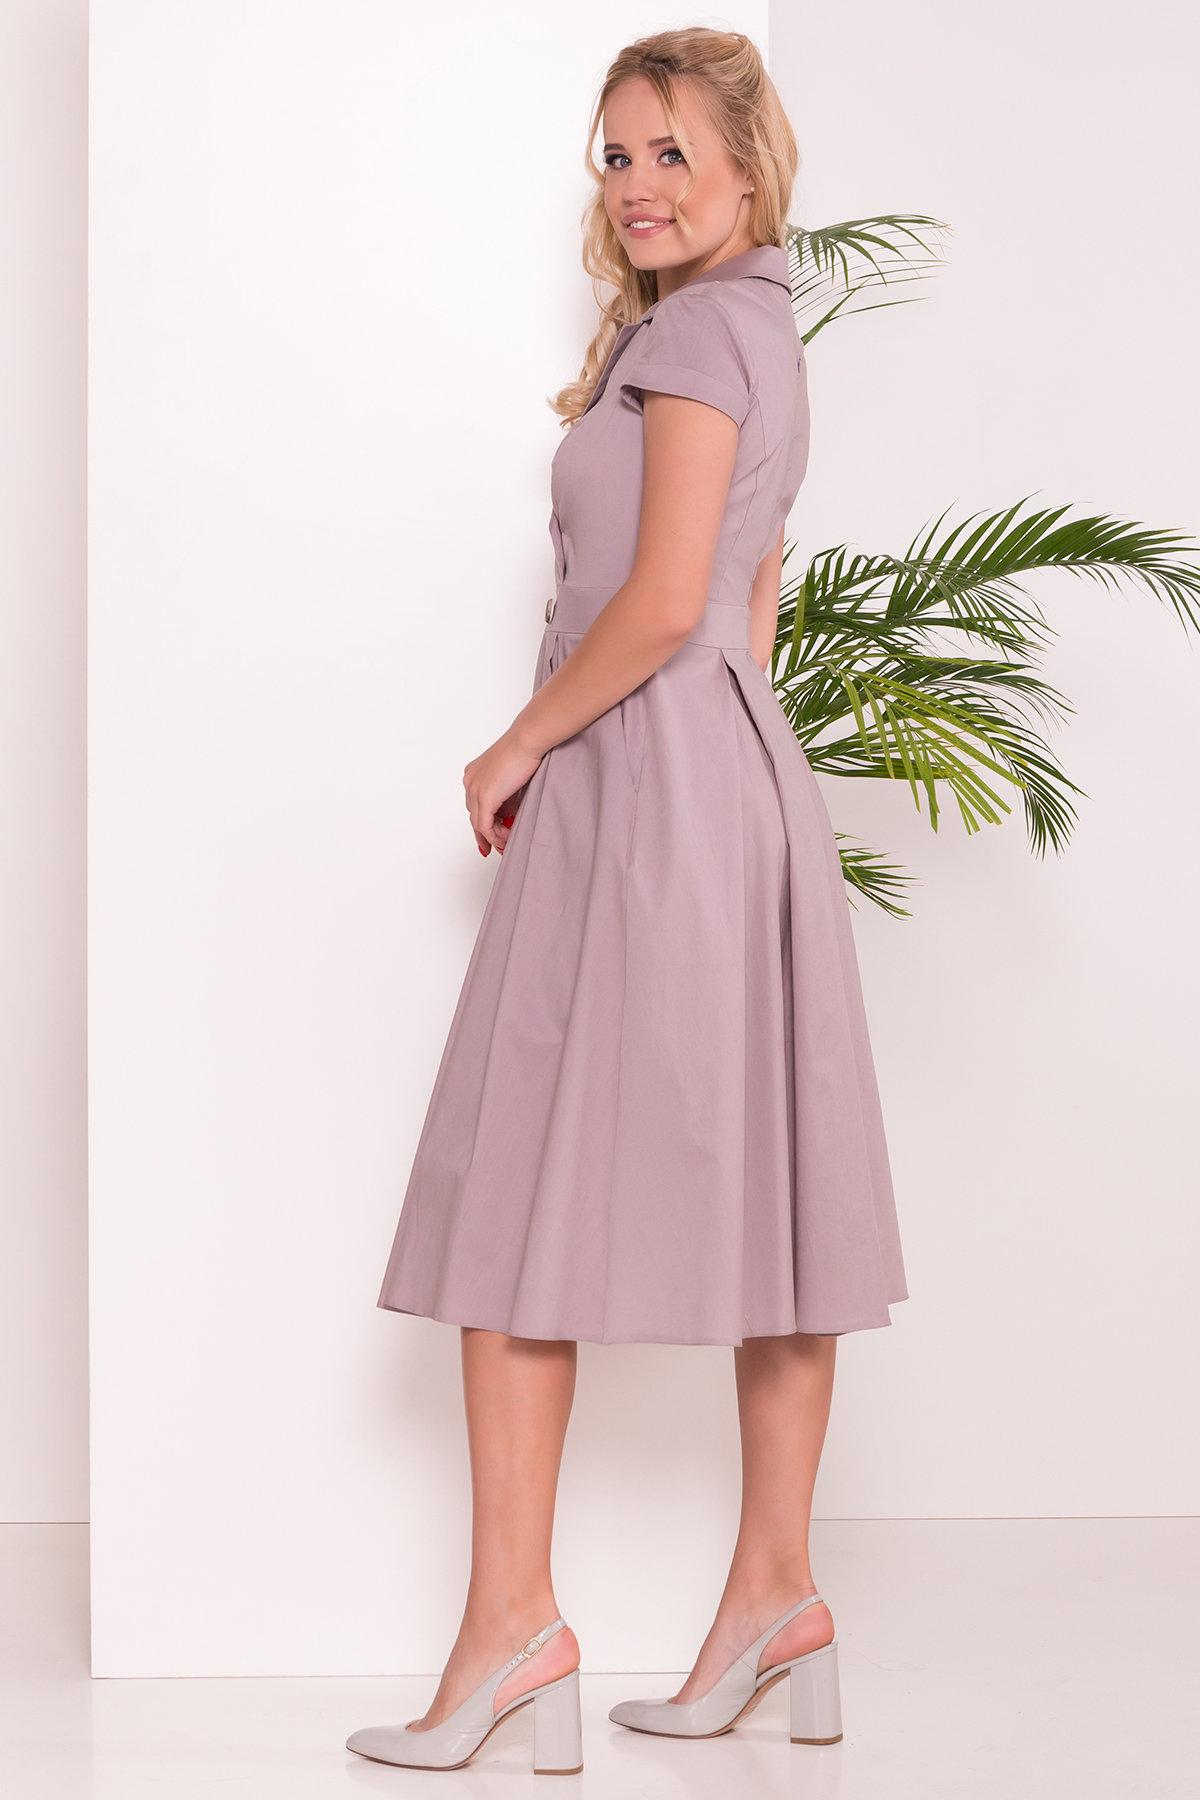 Платье Артего 7440 АРТ. 43226 Цвет: Бежевый - фото 2, интернет магазин tm-modus.ru